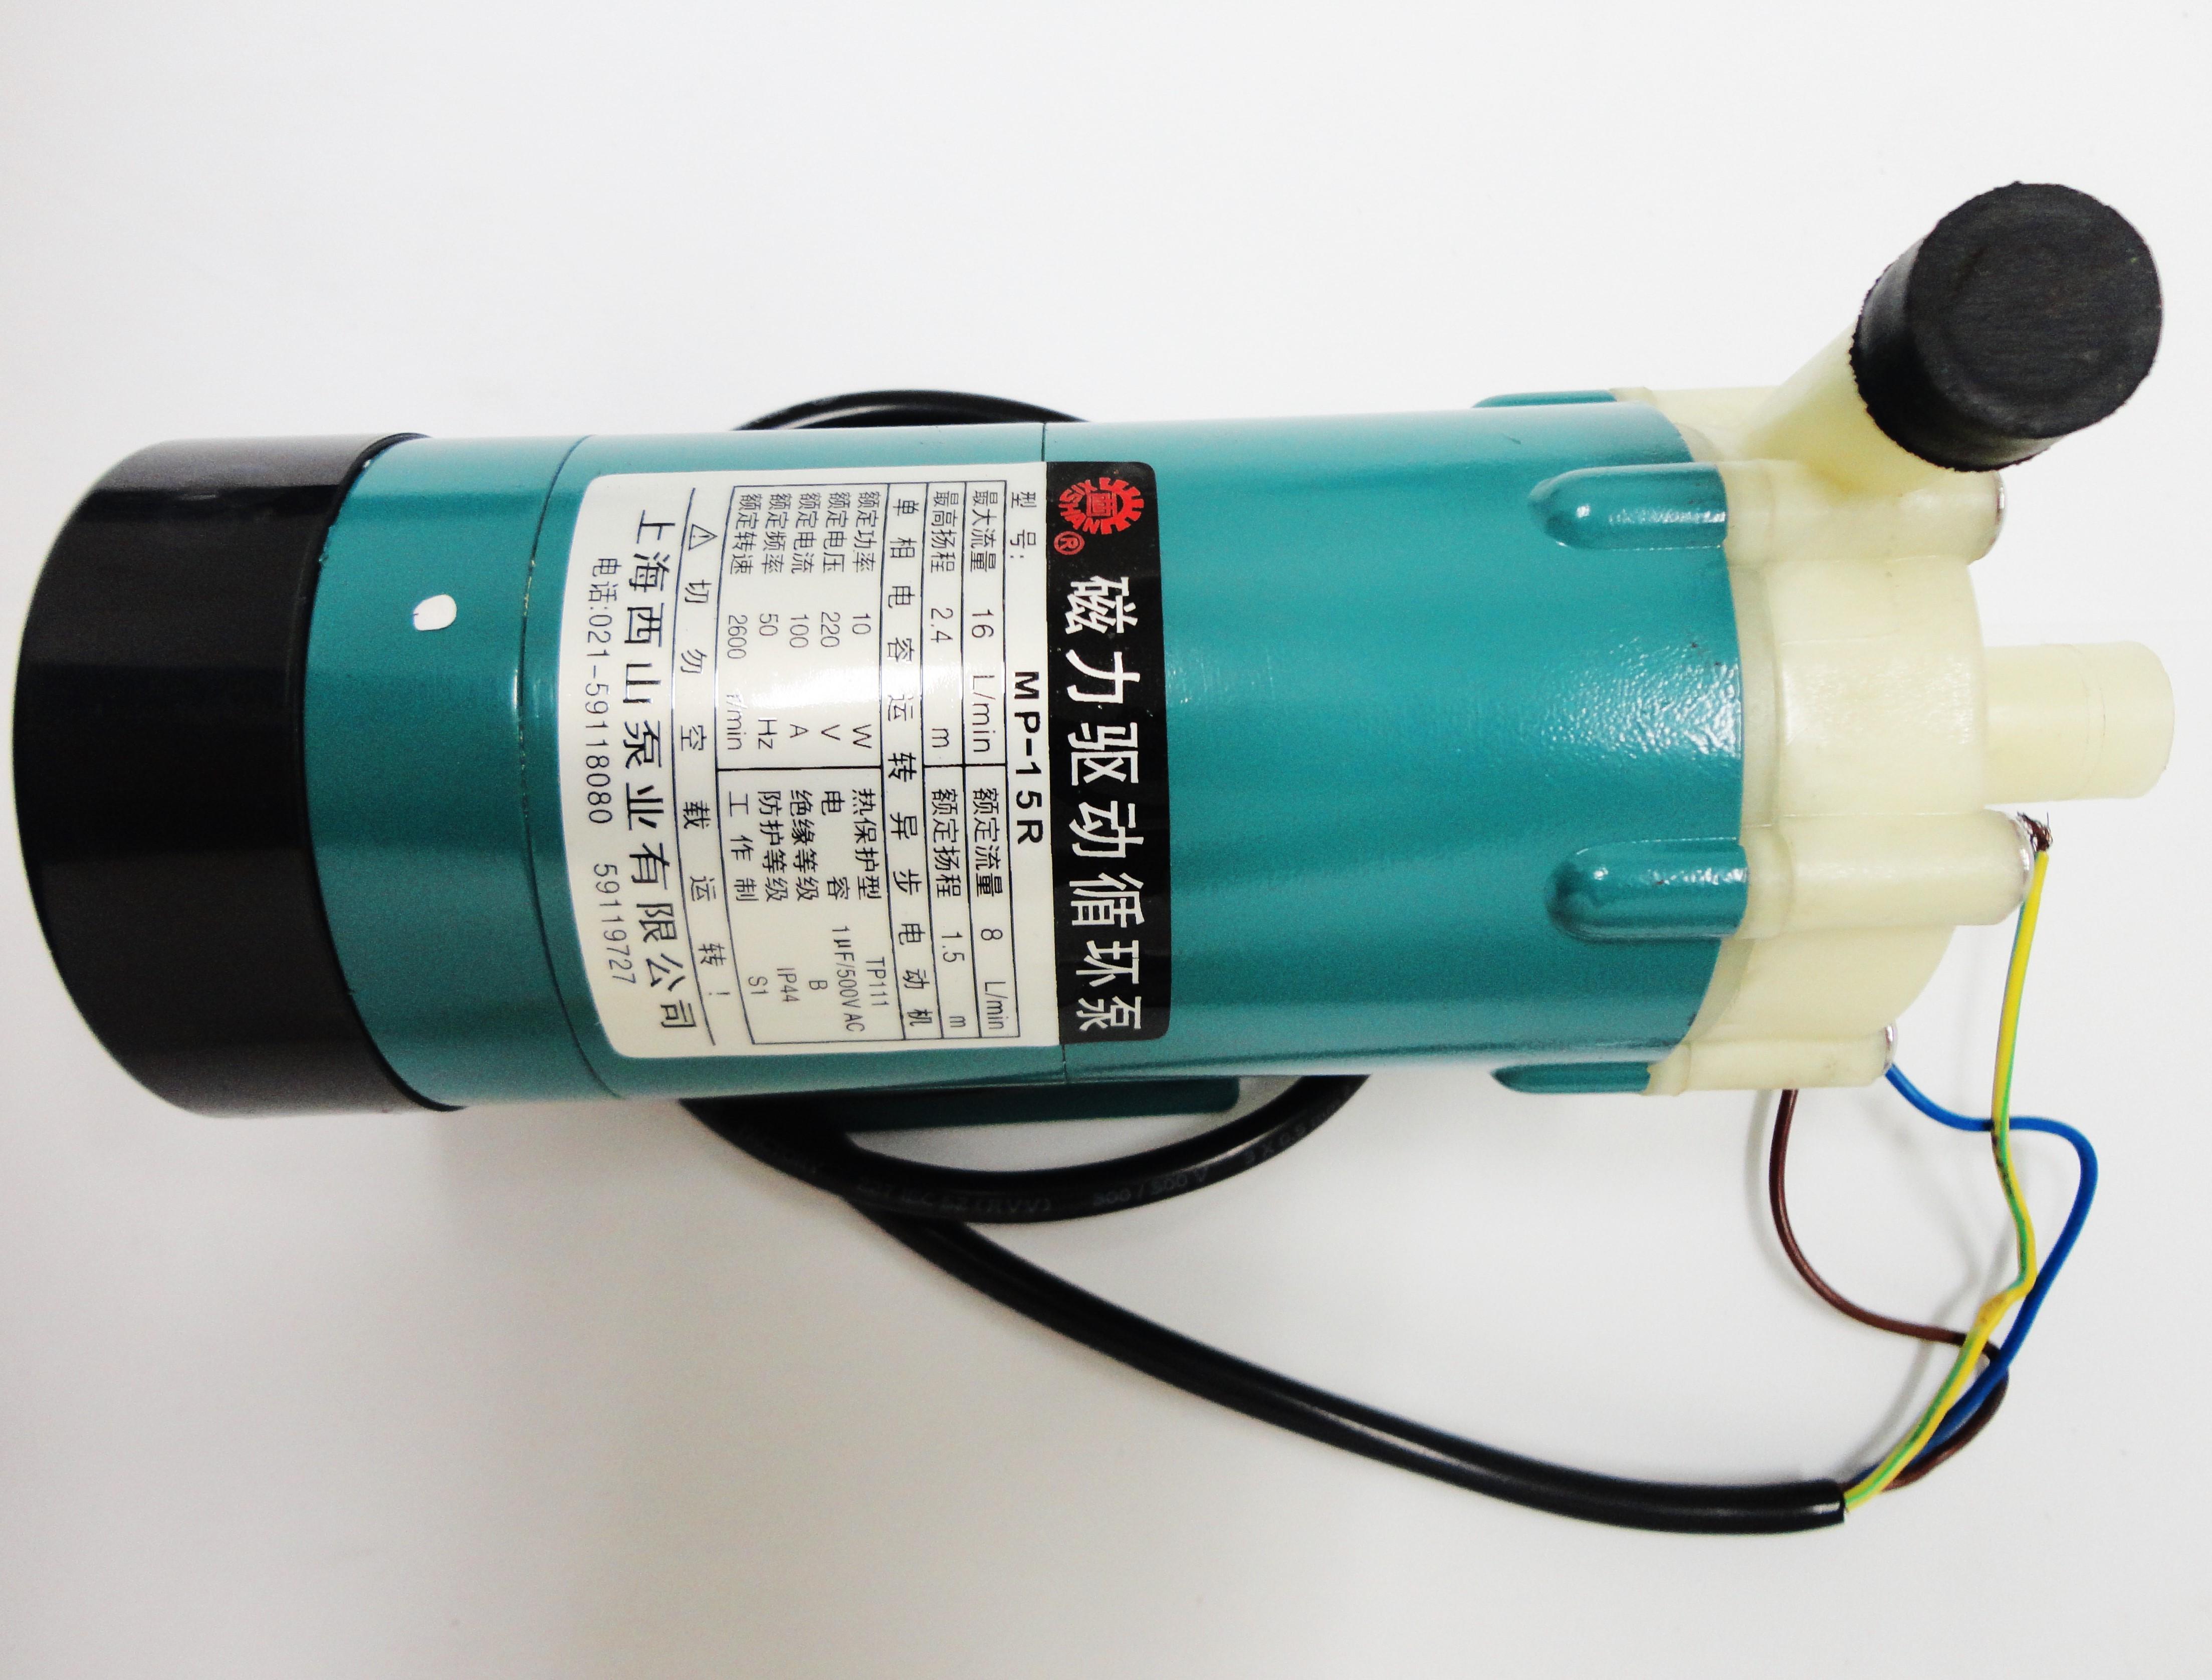 Bomba de Circulação de Fluxo usada na máquina de solda HONGREAT / NOUSSTAR